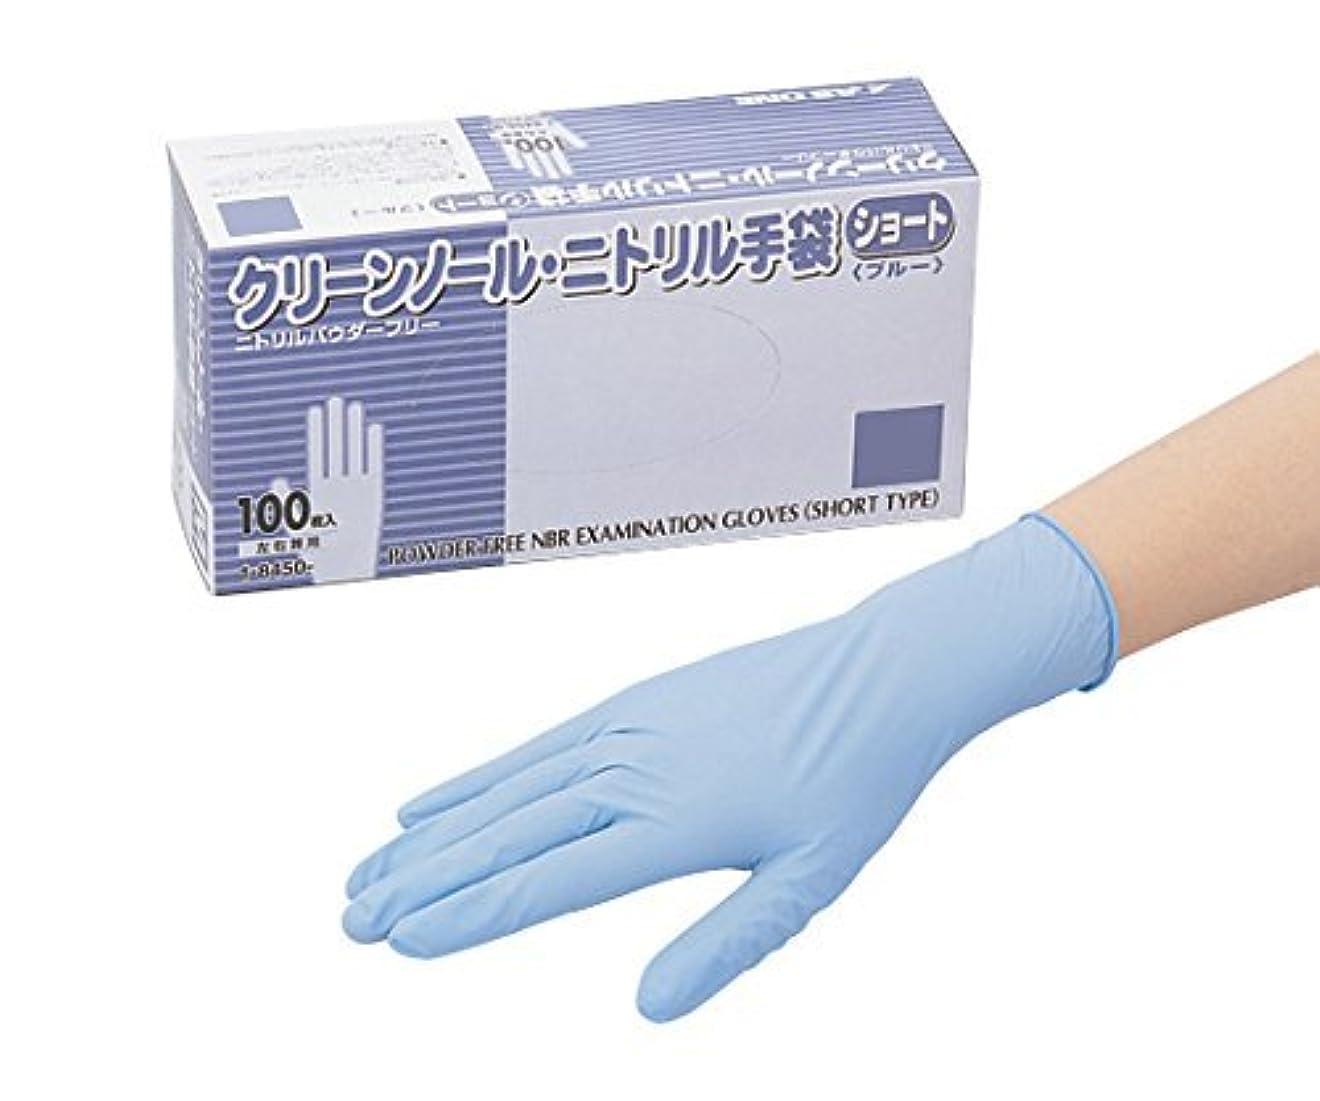 音声学致命的省アズワン1-8450-24クリーンノールニトリル手袋ショート(パウダーフリ-)ブルーSS100枚入